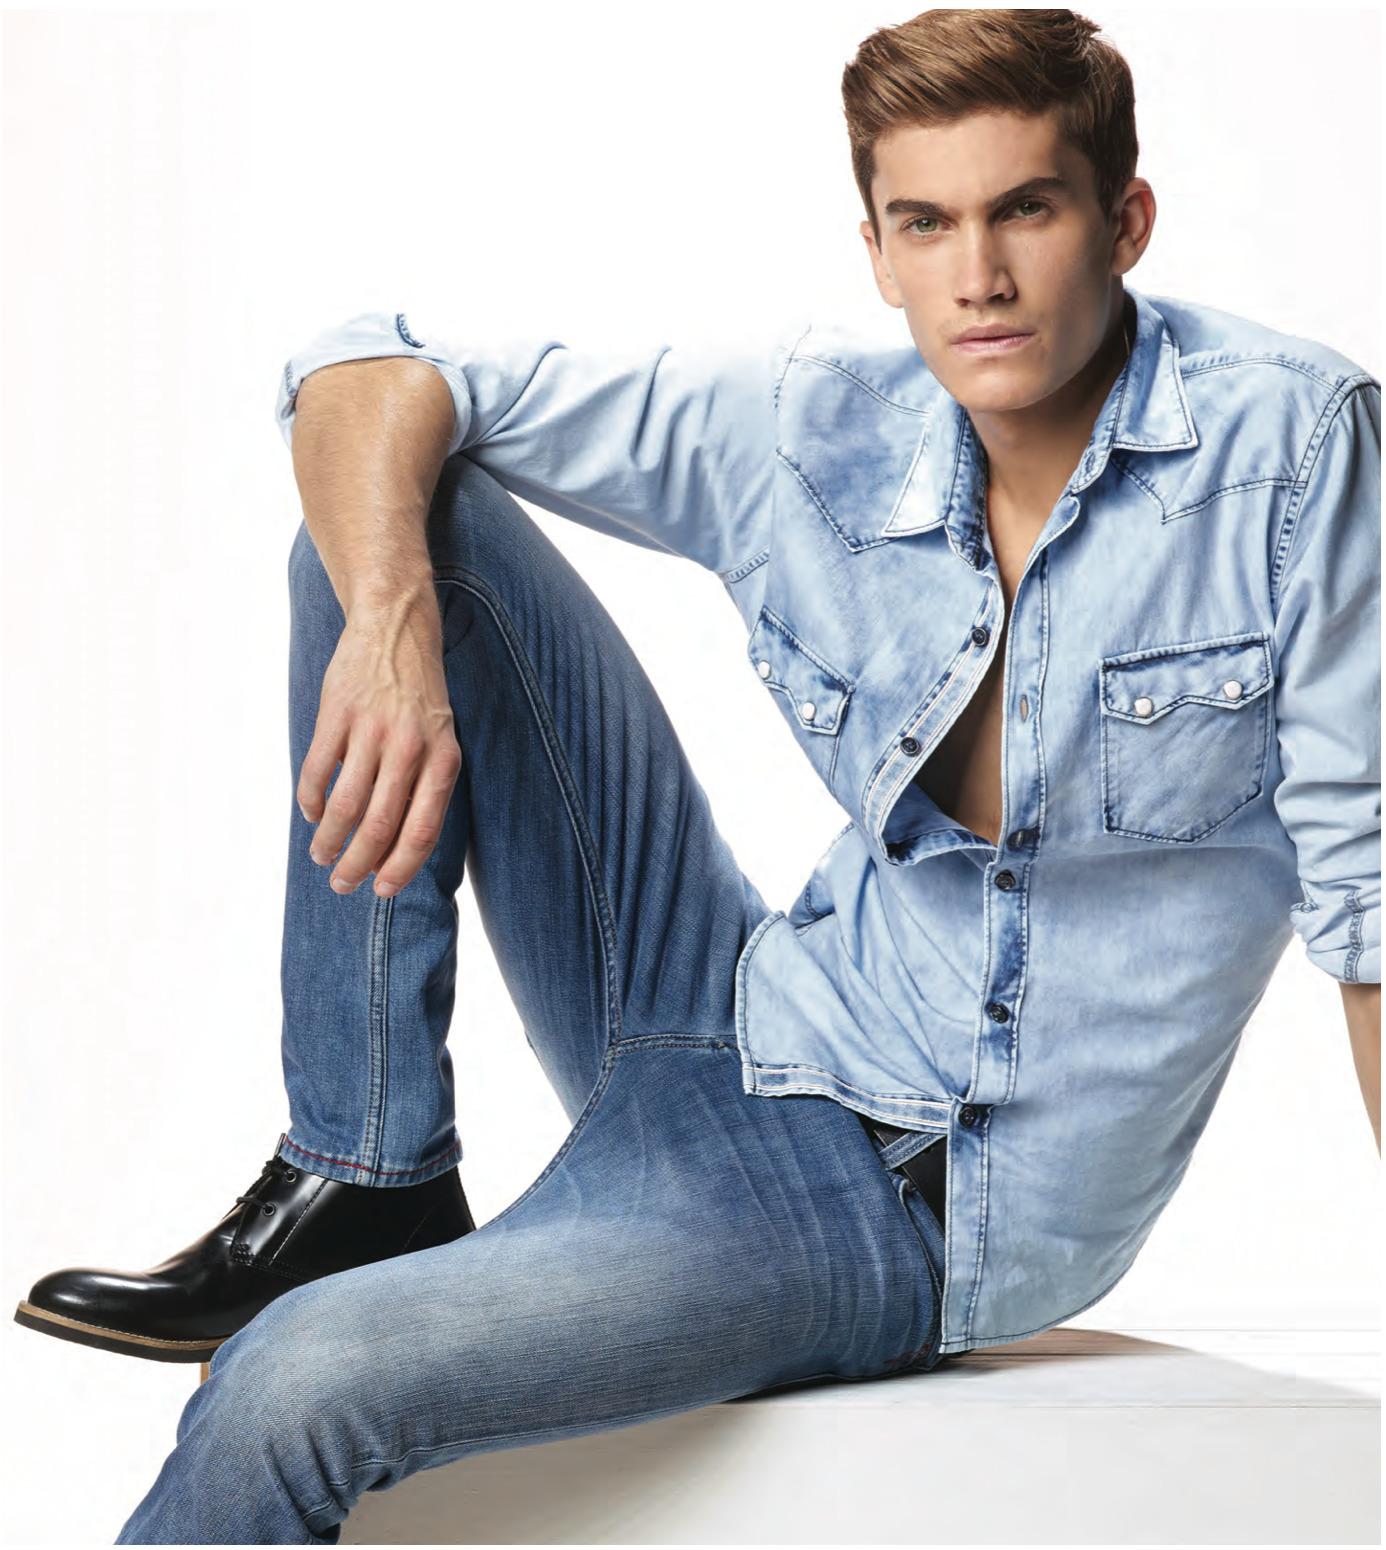 фото мужчин моделей в светлых джинсах необходимо выбрать заказать